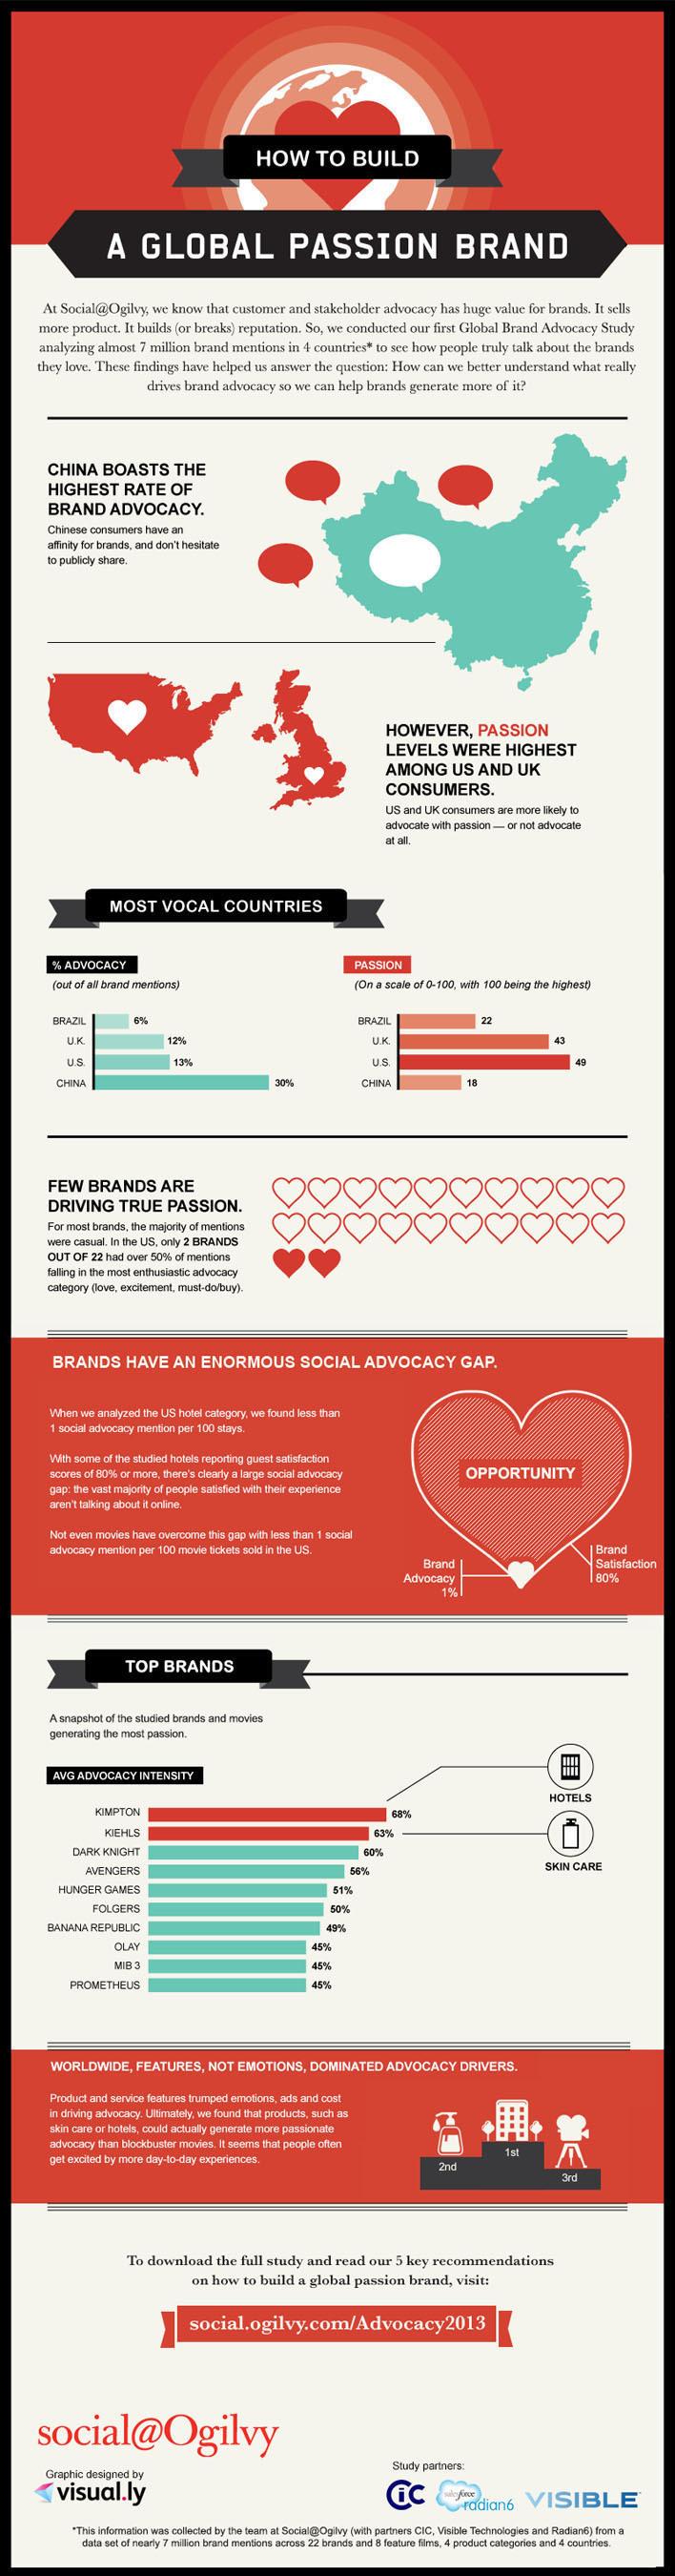 How Do You Build a Passion Brand?